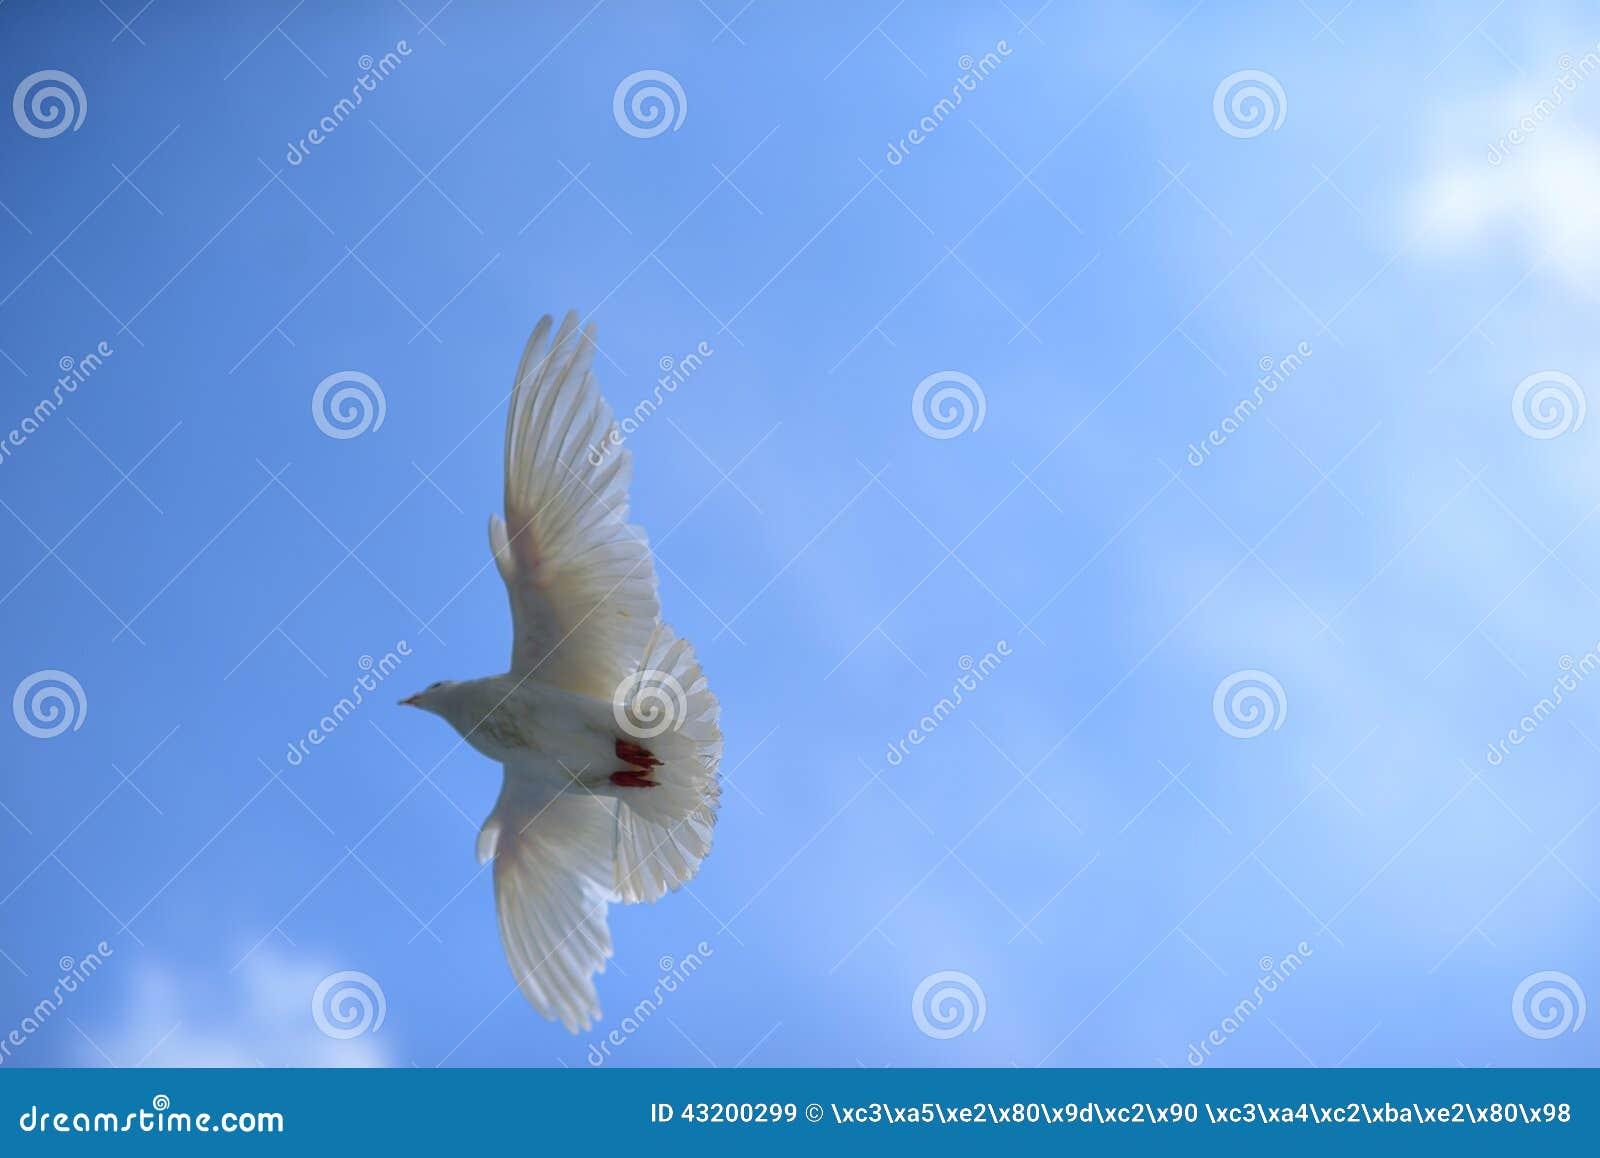 Download Duvor Flyger Fritt Under Den Blåa Himlen Fotografering för Bildbyråer - Bild av vitt, öppet: 43200299